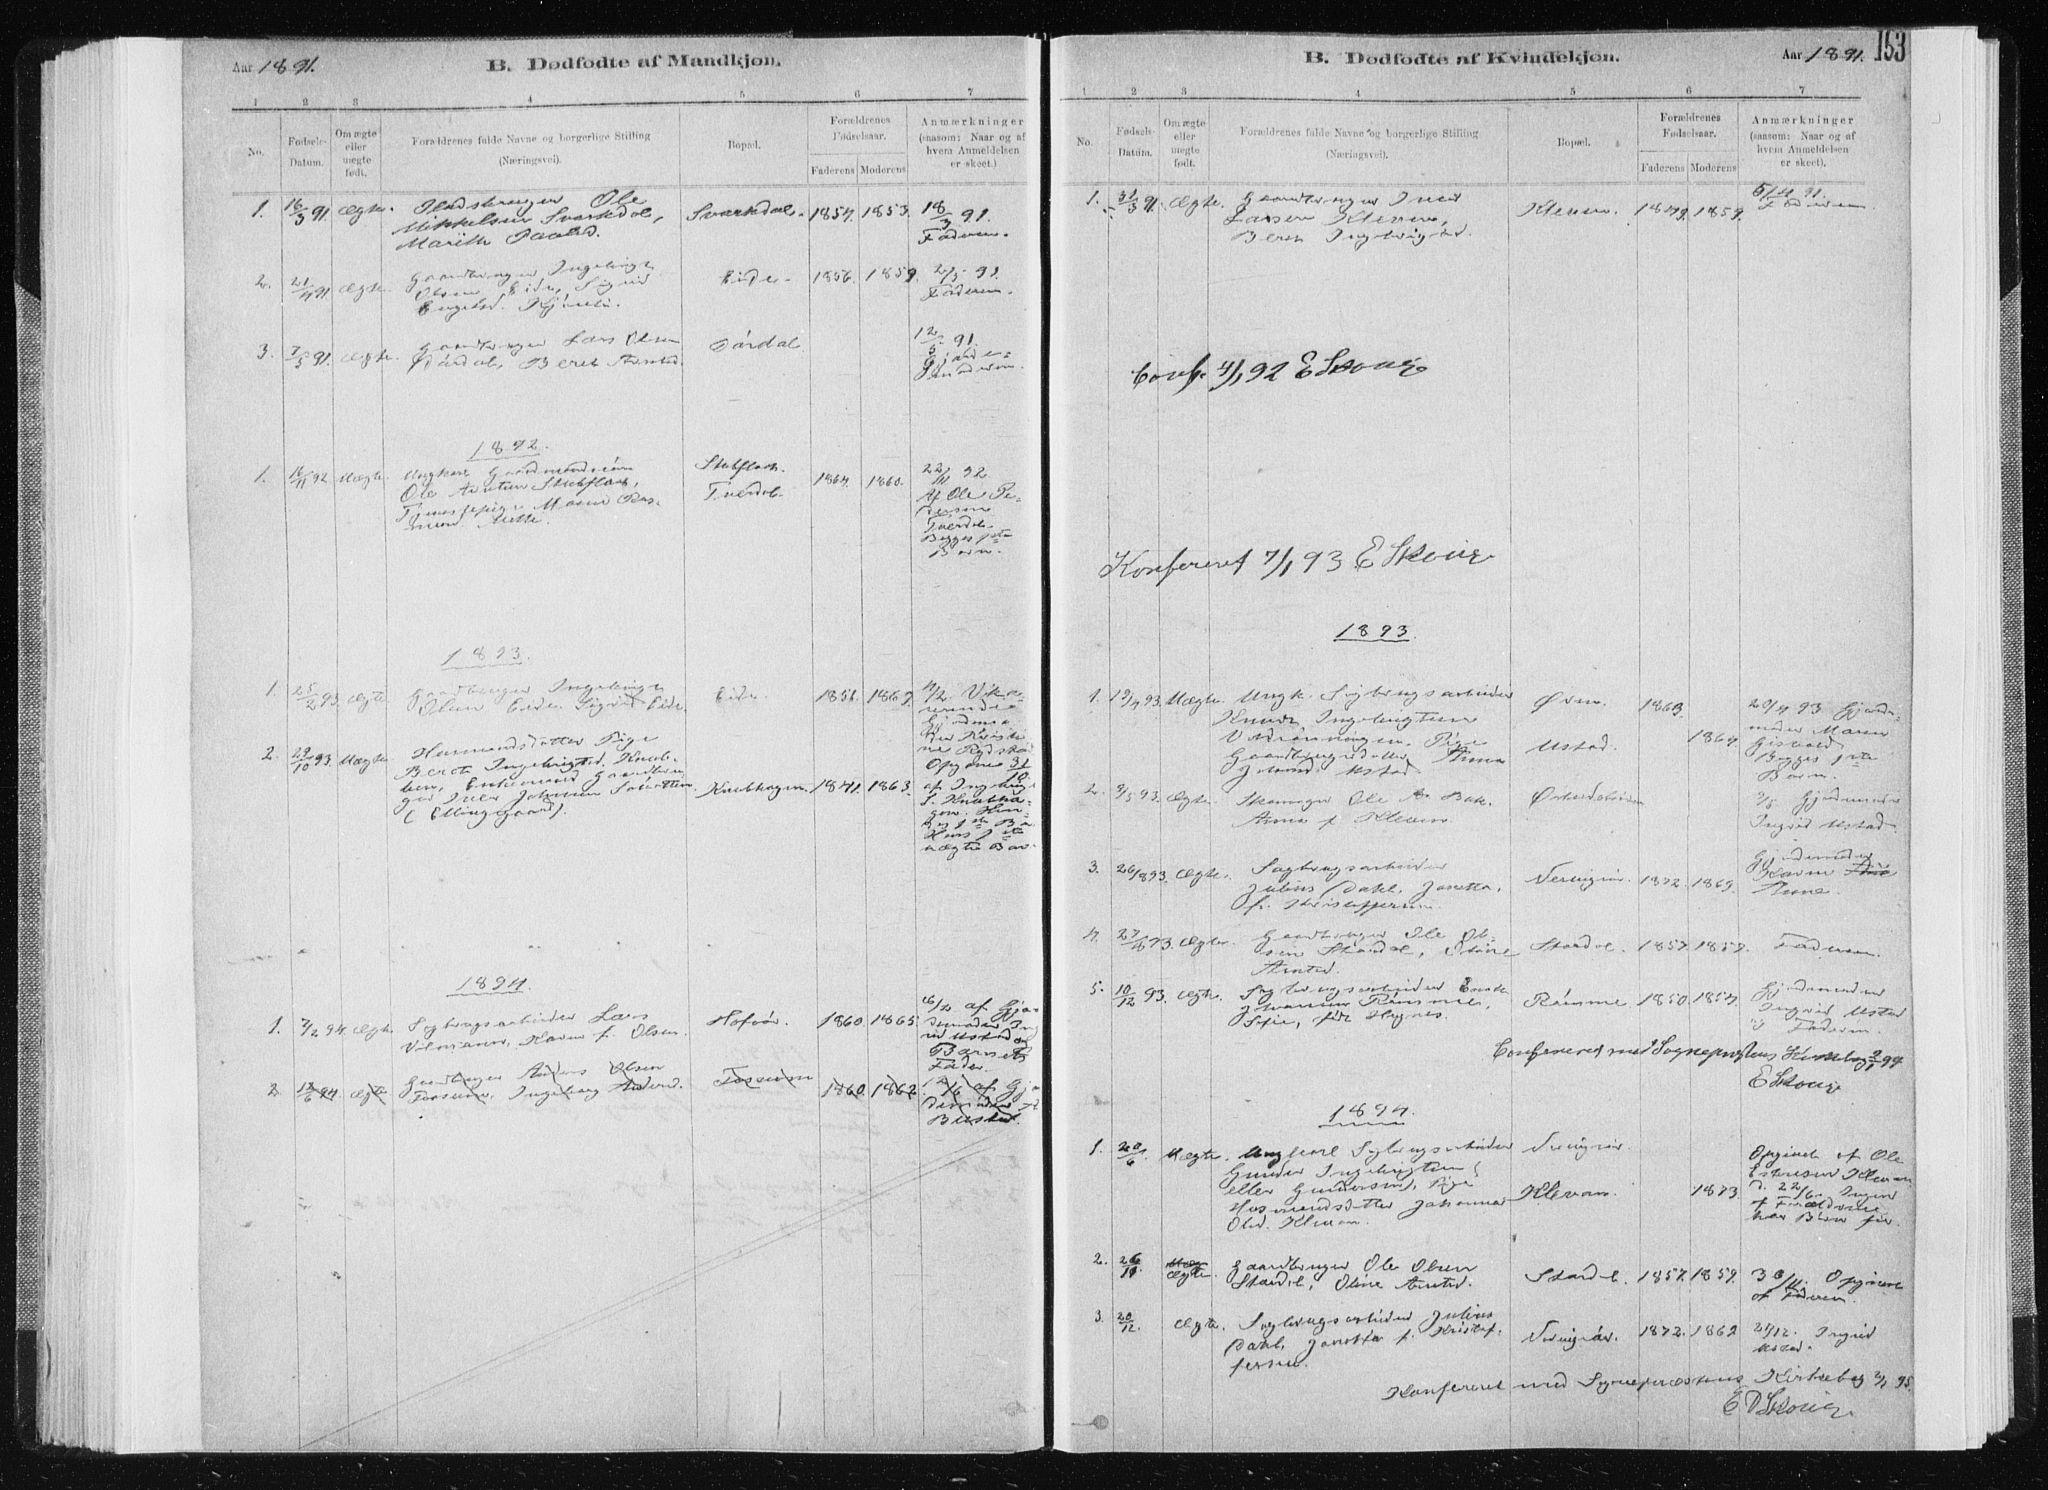 SAT, Ministerialprotokoller, klokkerbøker og fødselsregistre - Sør-Trøndelag, 668/L0818: Klokkerbok nr. 668C07, 1885-1898, s. 153